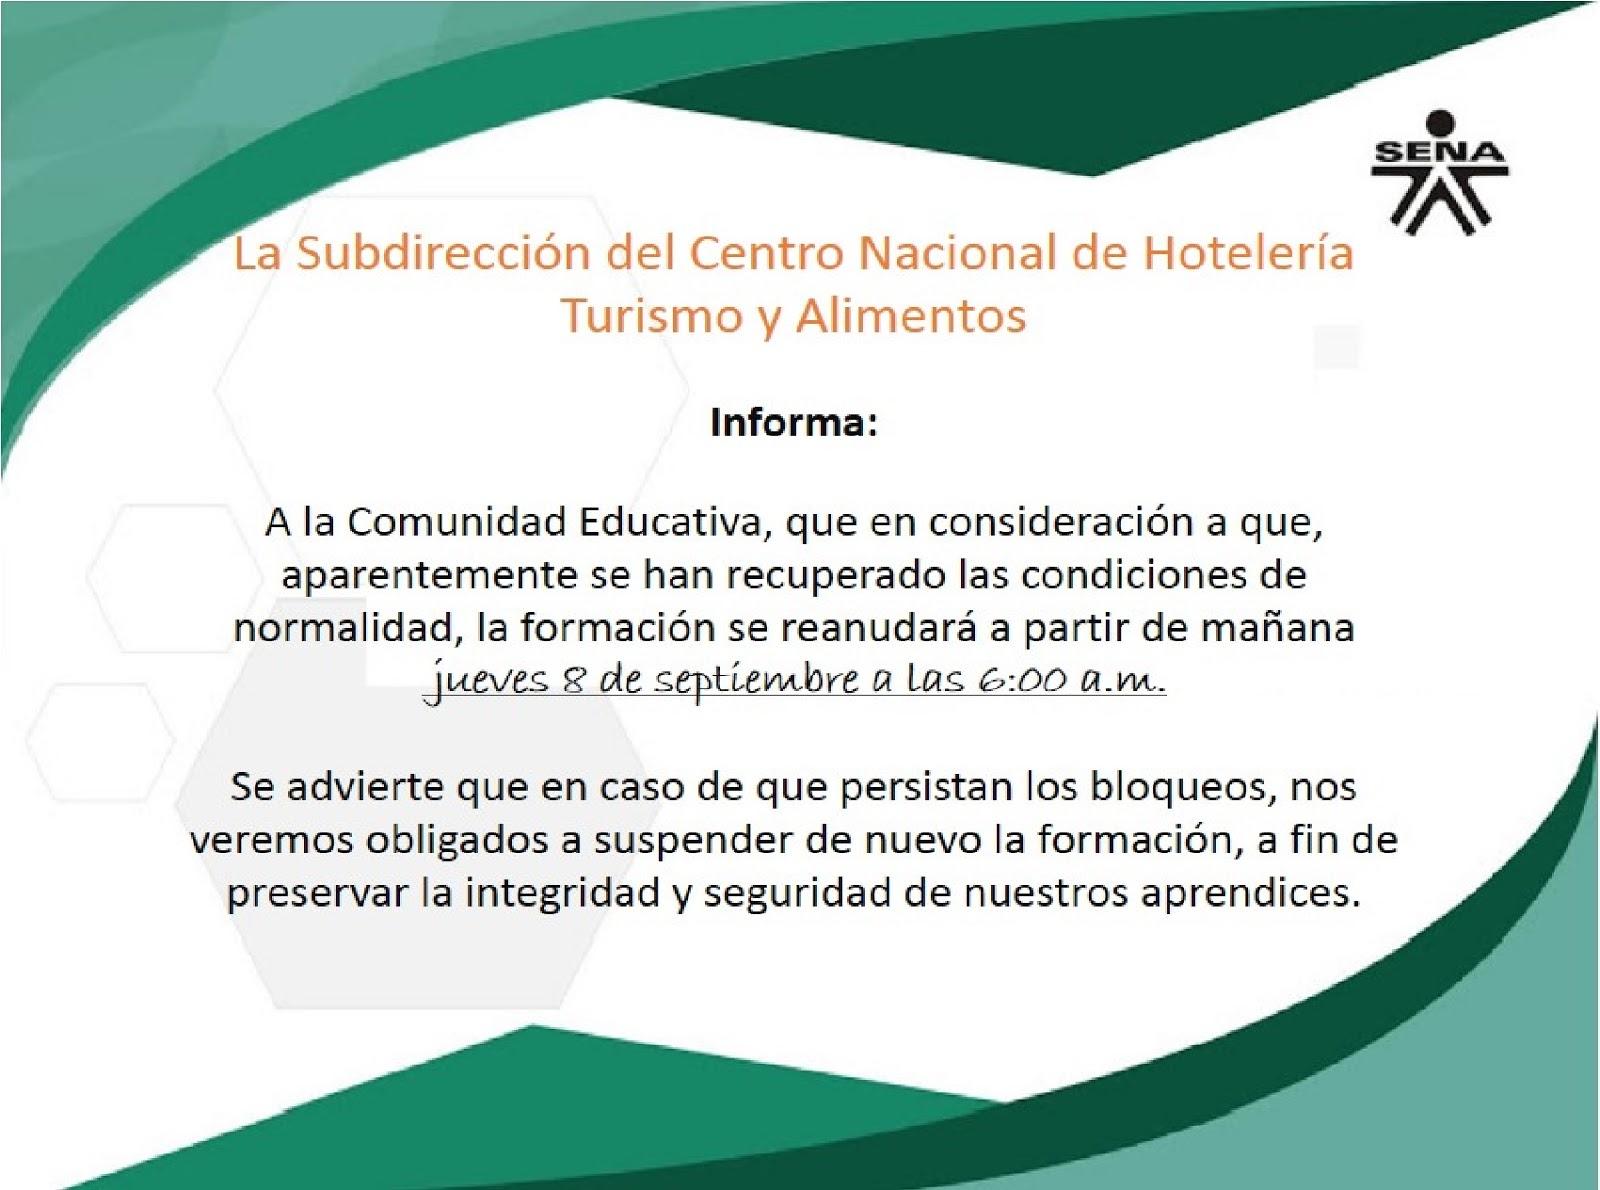 SENA - Centro Nacional de Hotelería, Turismo y Alimentos: septiembre ...